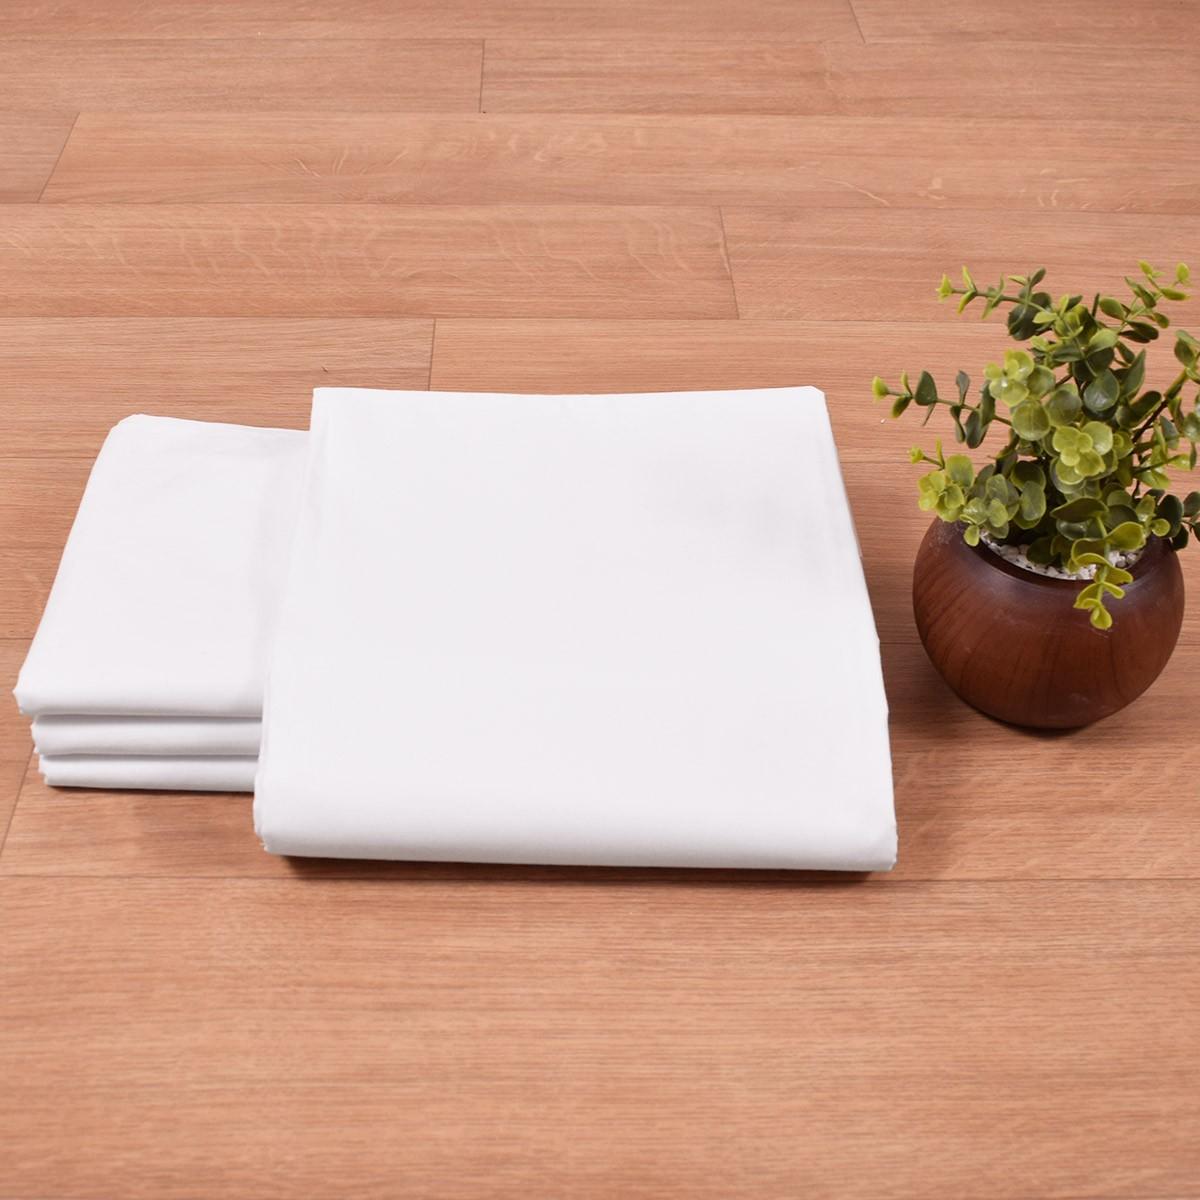 Σεντόνι (190x290) 50%Βαμβάκι 50%Polyester T200 home   επαγγελματικός εξοπλισμός   ξενοδοχειακός εξοπλισμός   σεντόνια ξενοδοχεί